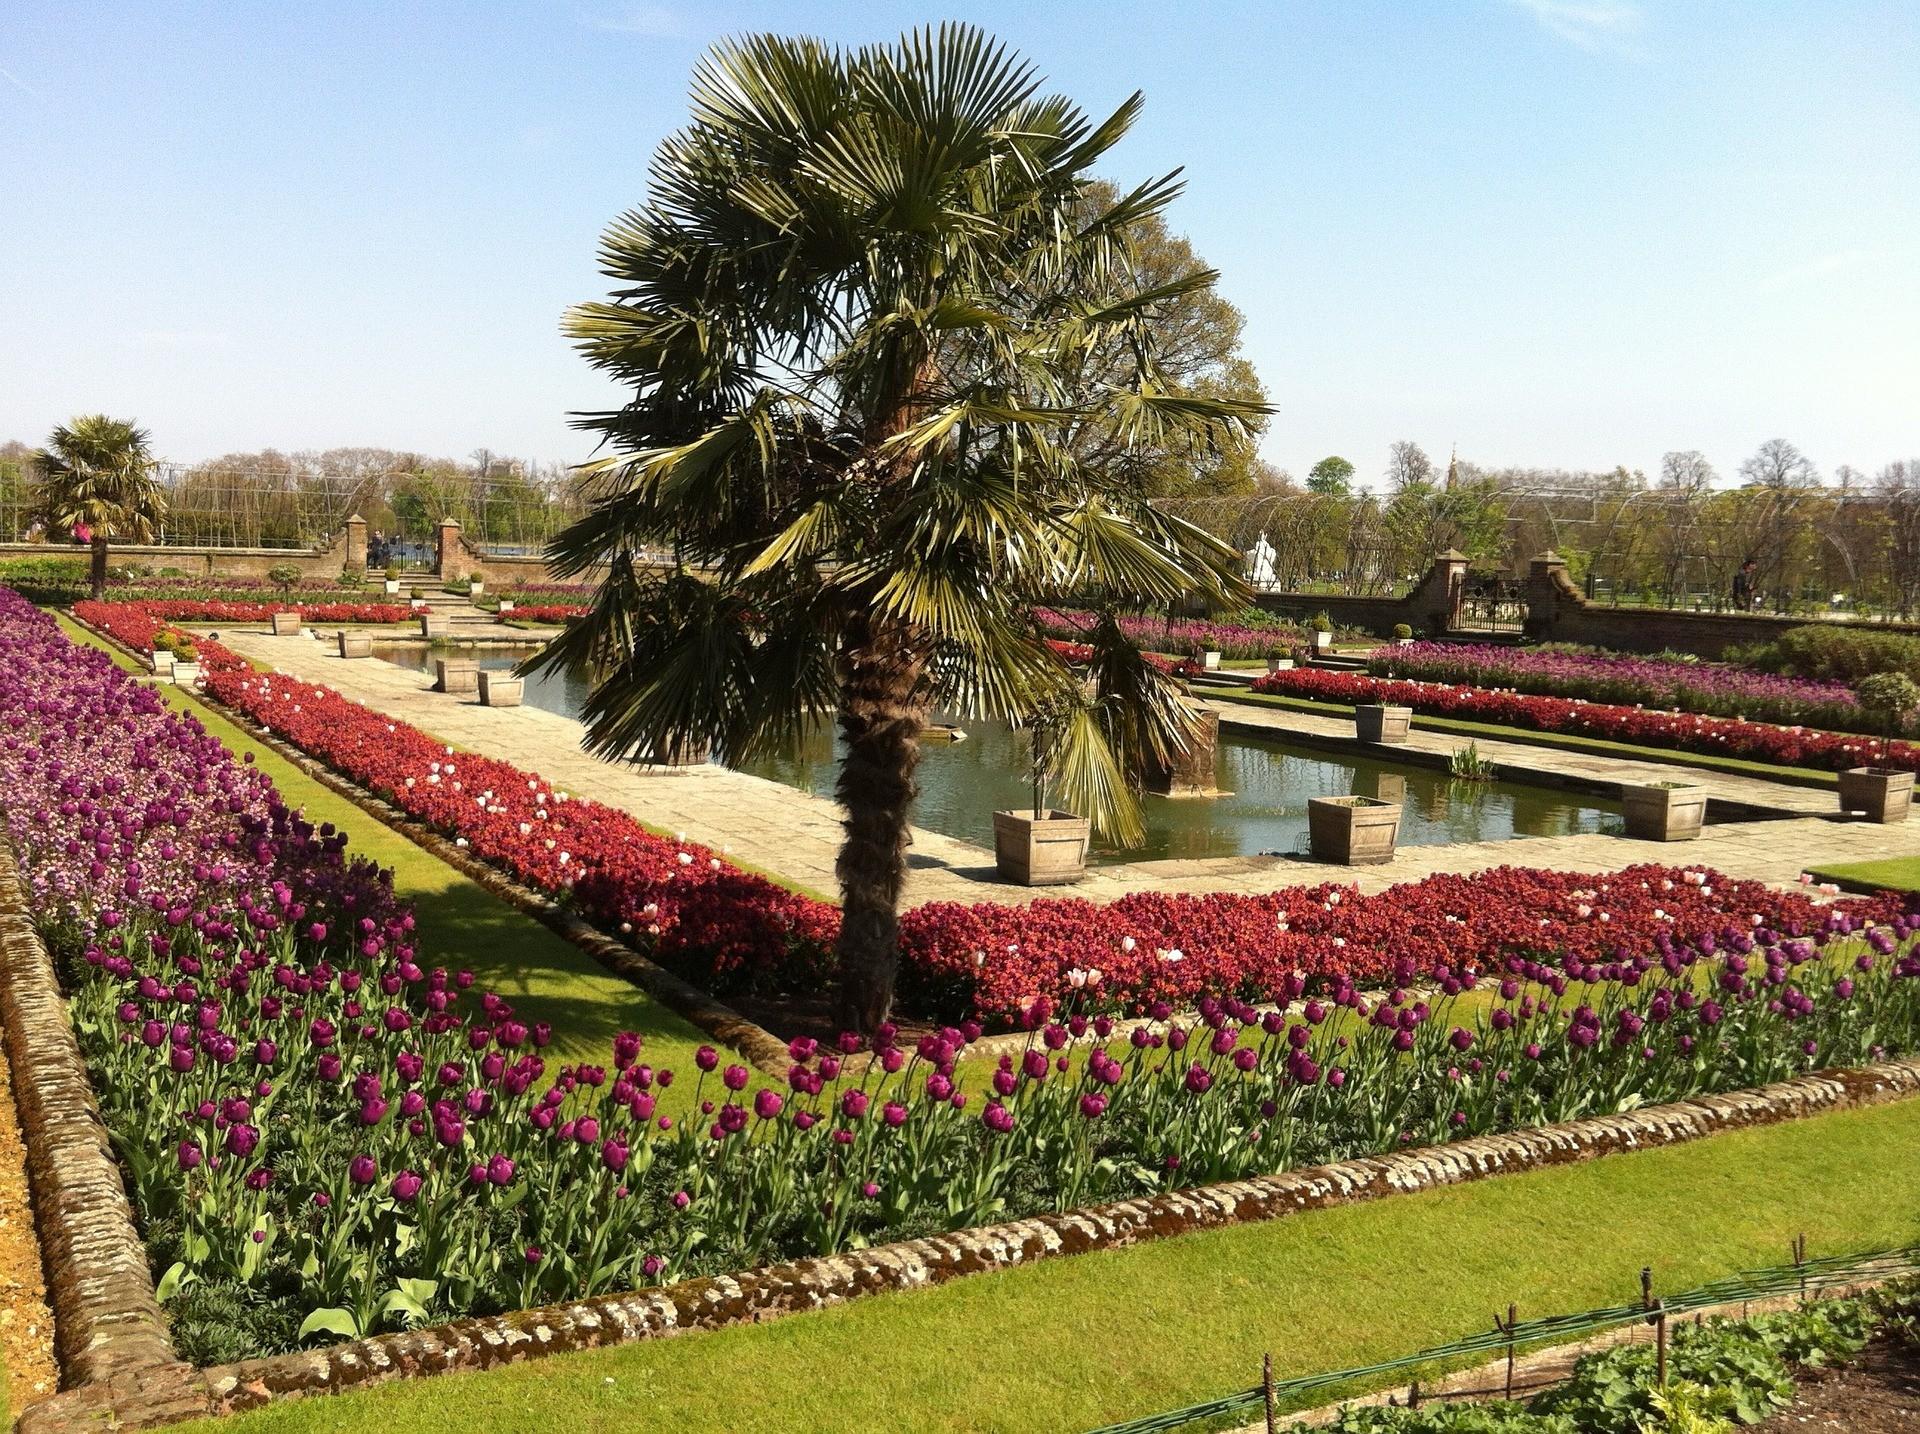 Kensington palace londra aperto tutto l 39 anno biglietti for Giardini fioriti tutto l anno